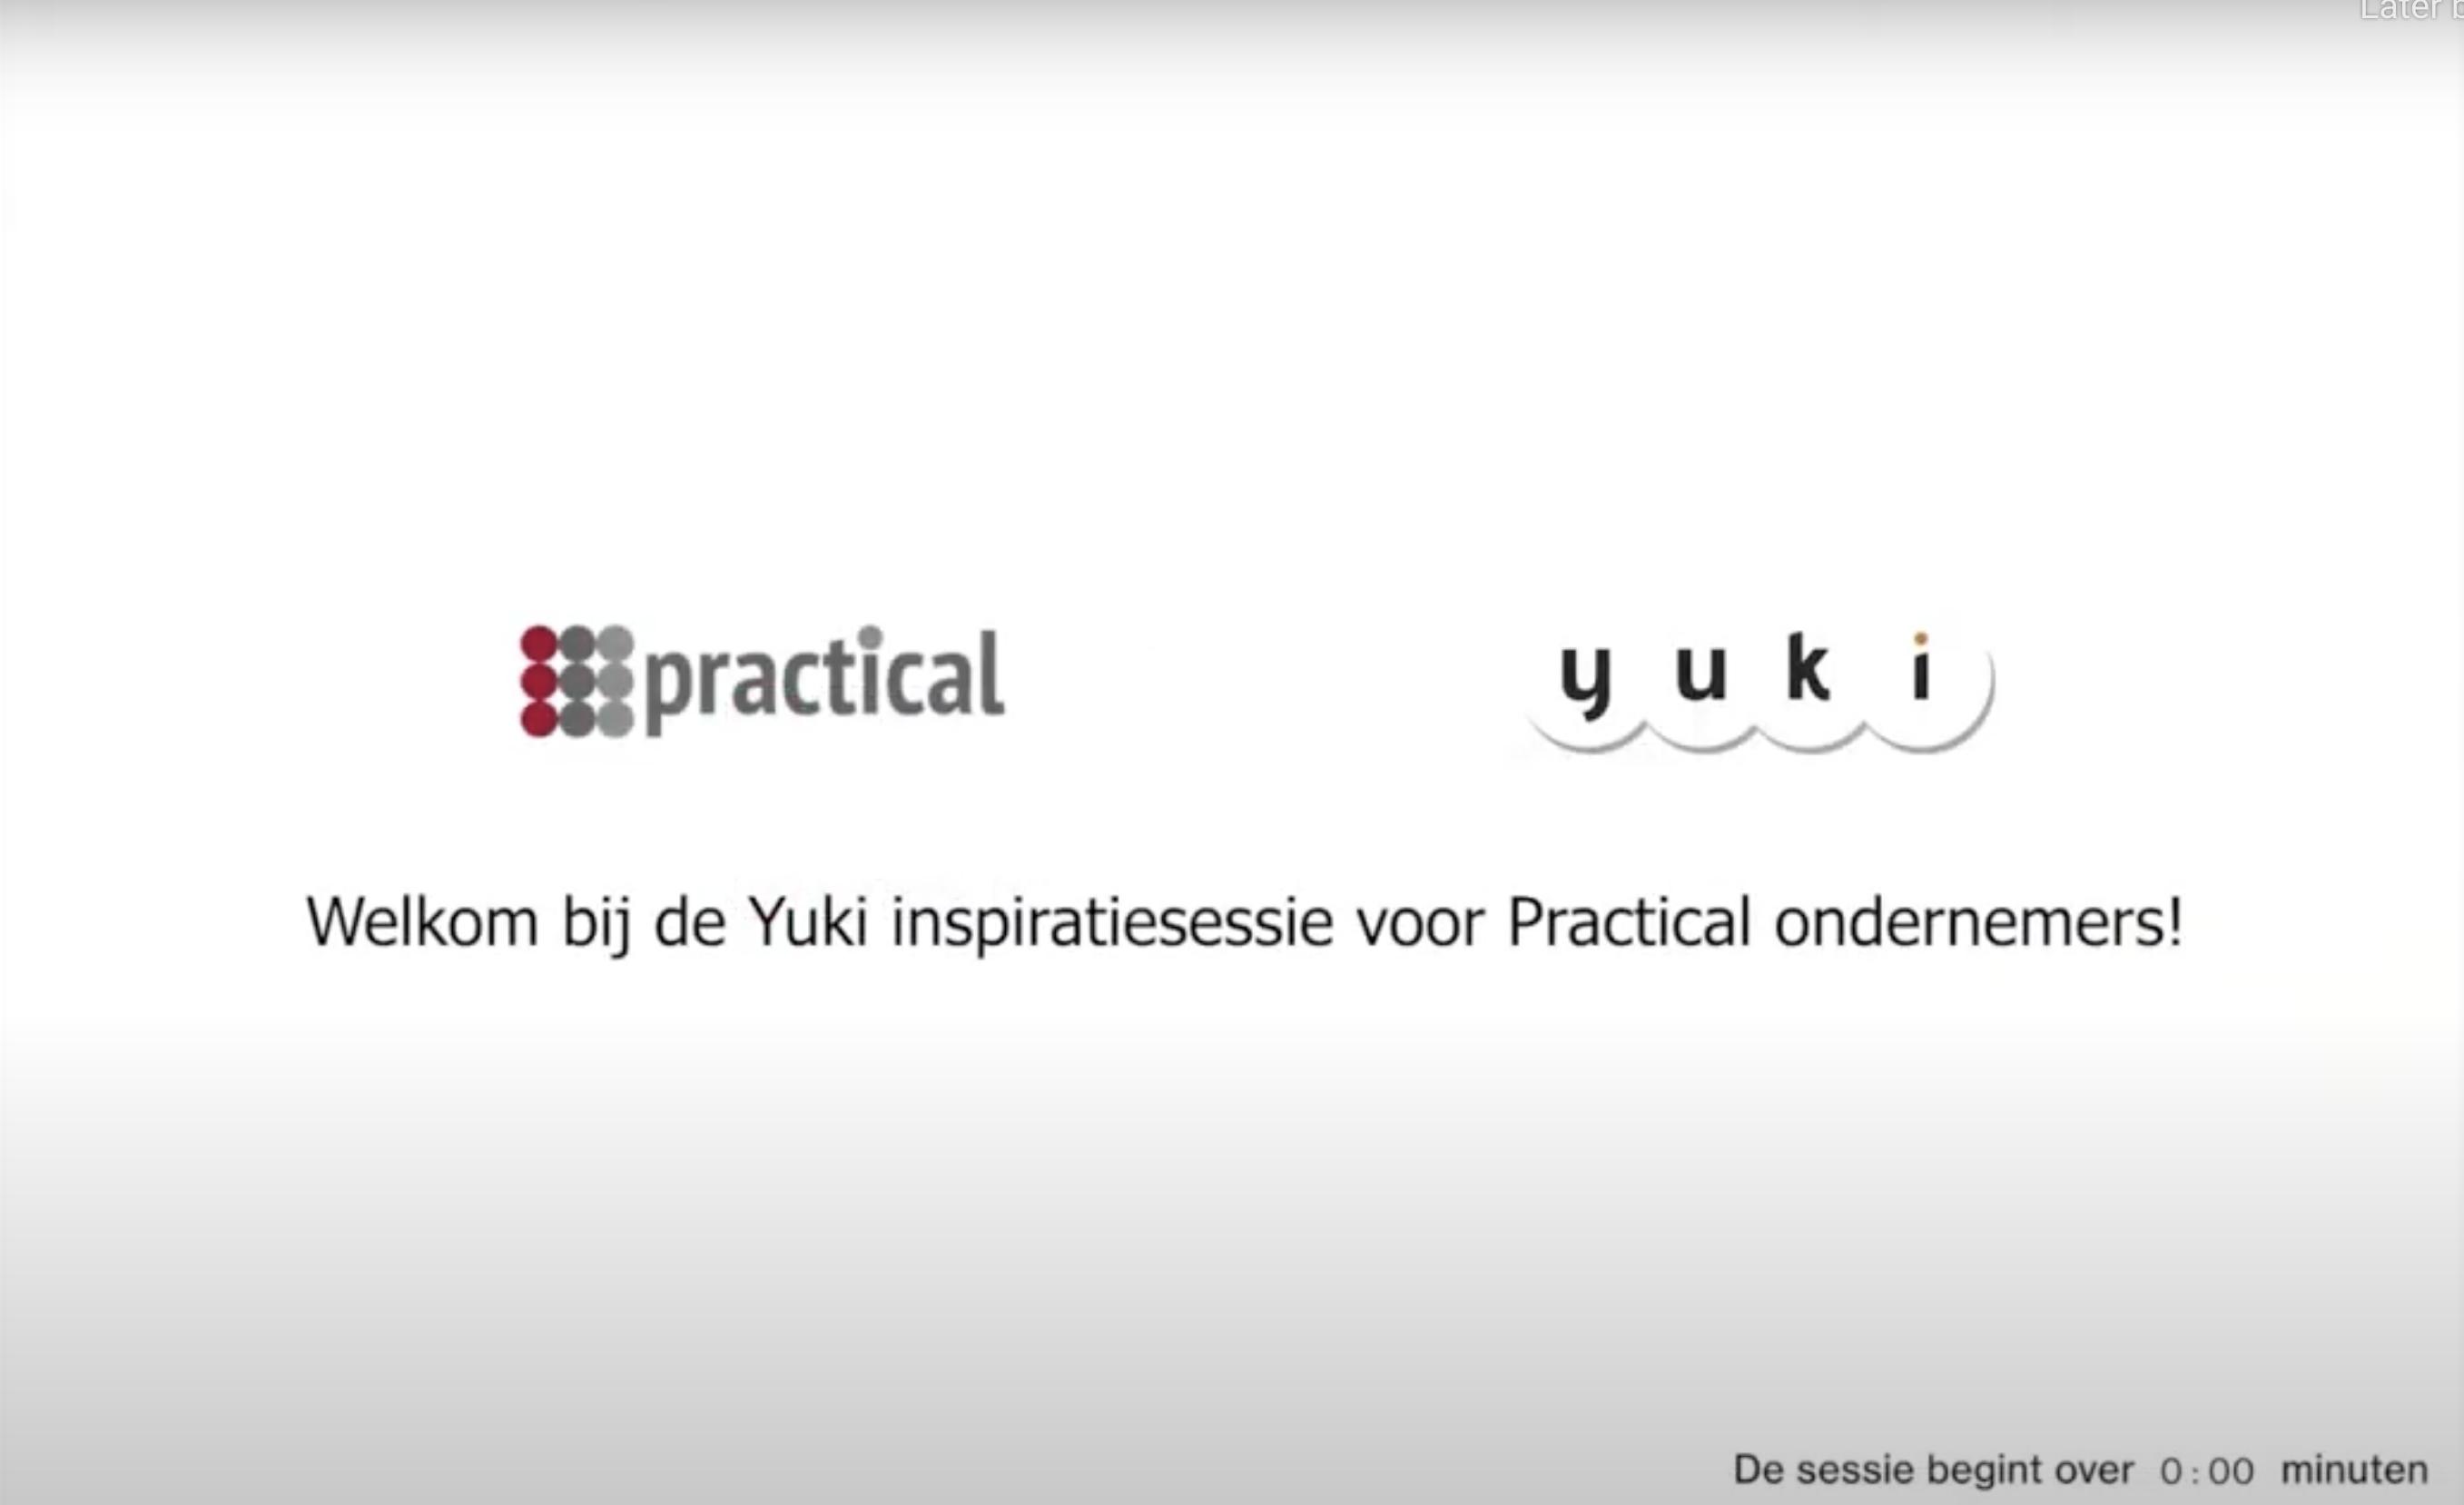 Meer inhoudelijk weten over wat Yuki kan? Bekijk het webinar!